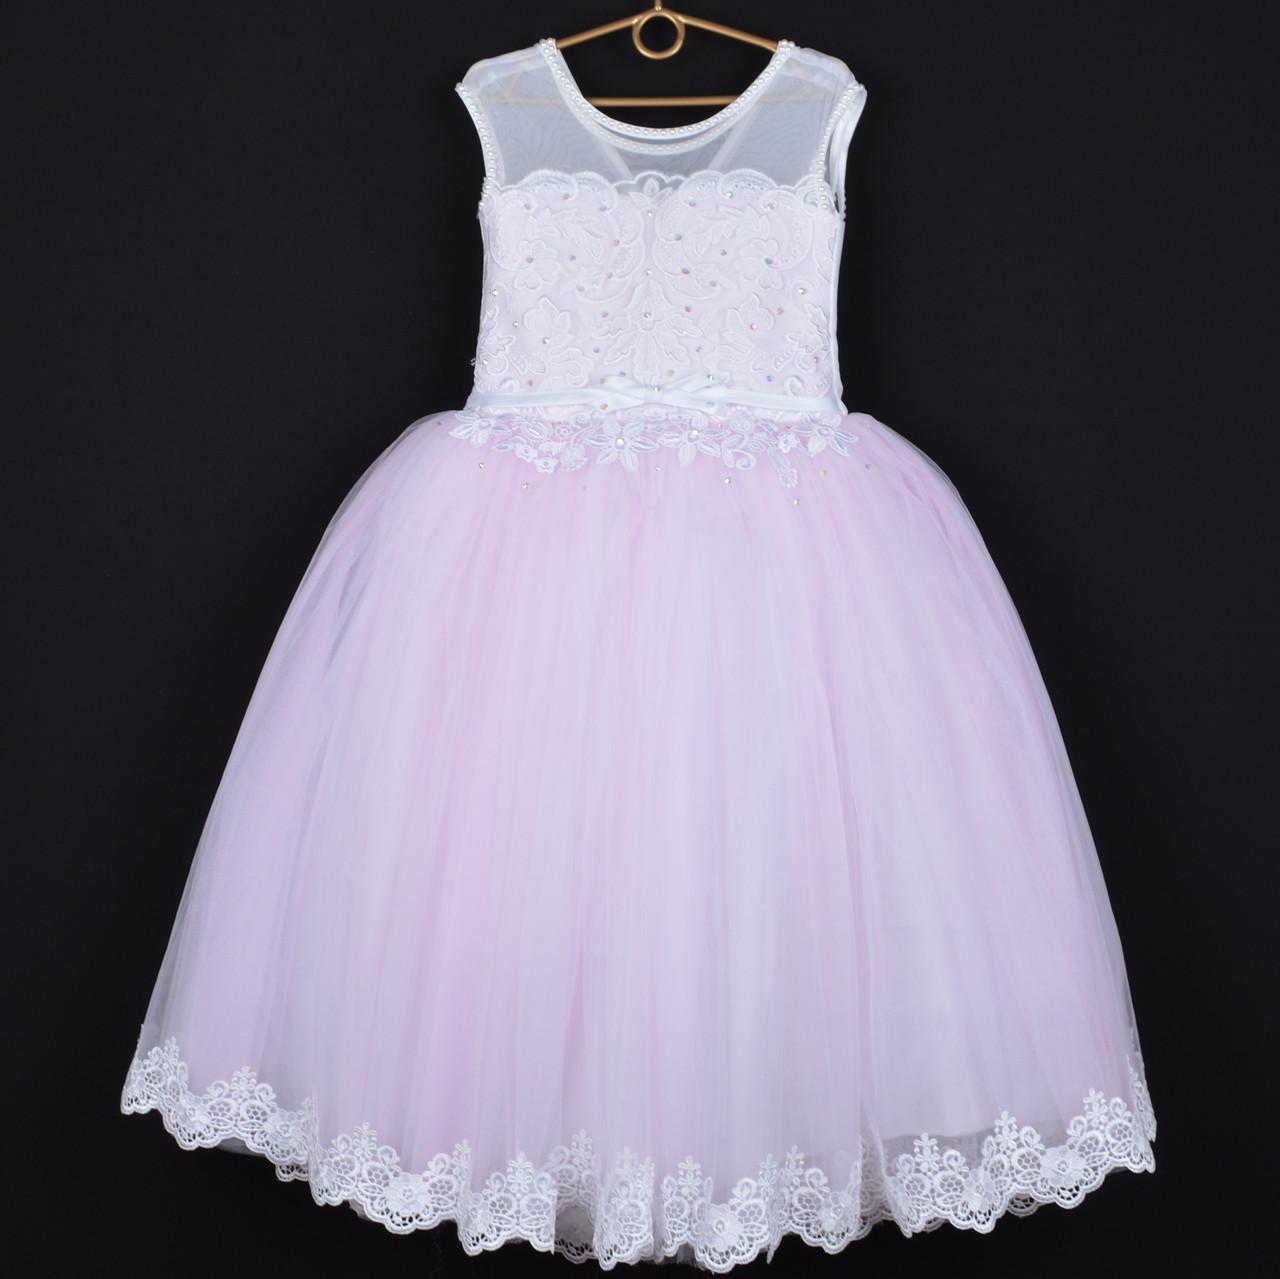 """Платье нарядное детское """"Леди Совершенство"""" с аппликацией. 6-7 лет. Нежно-розовое. Оптом и в розницу"""